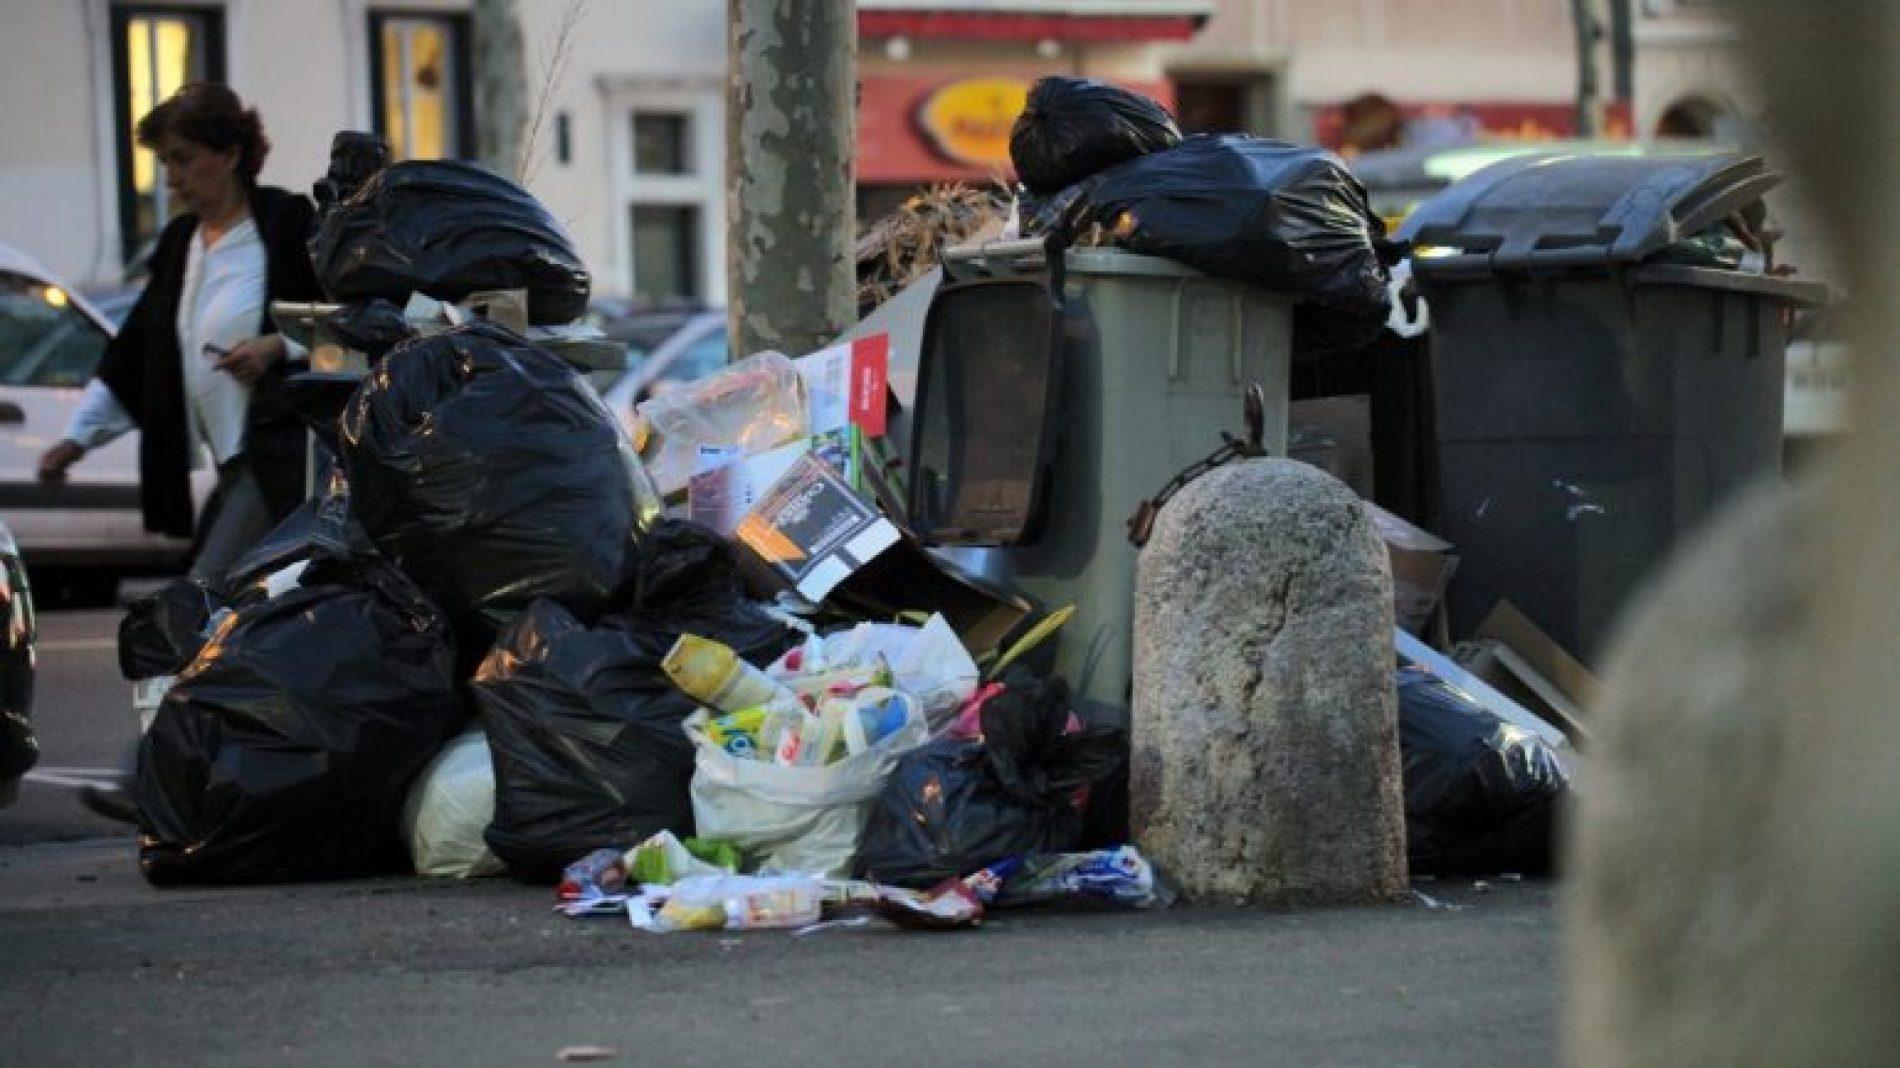 Environnement: l'abandon de déchets sur la voie publique désormais sanctionné en France